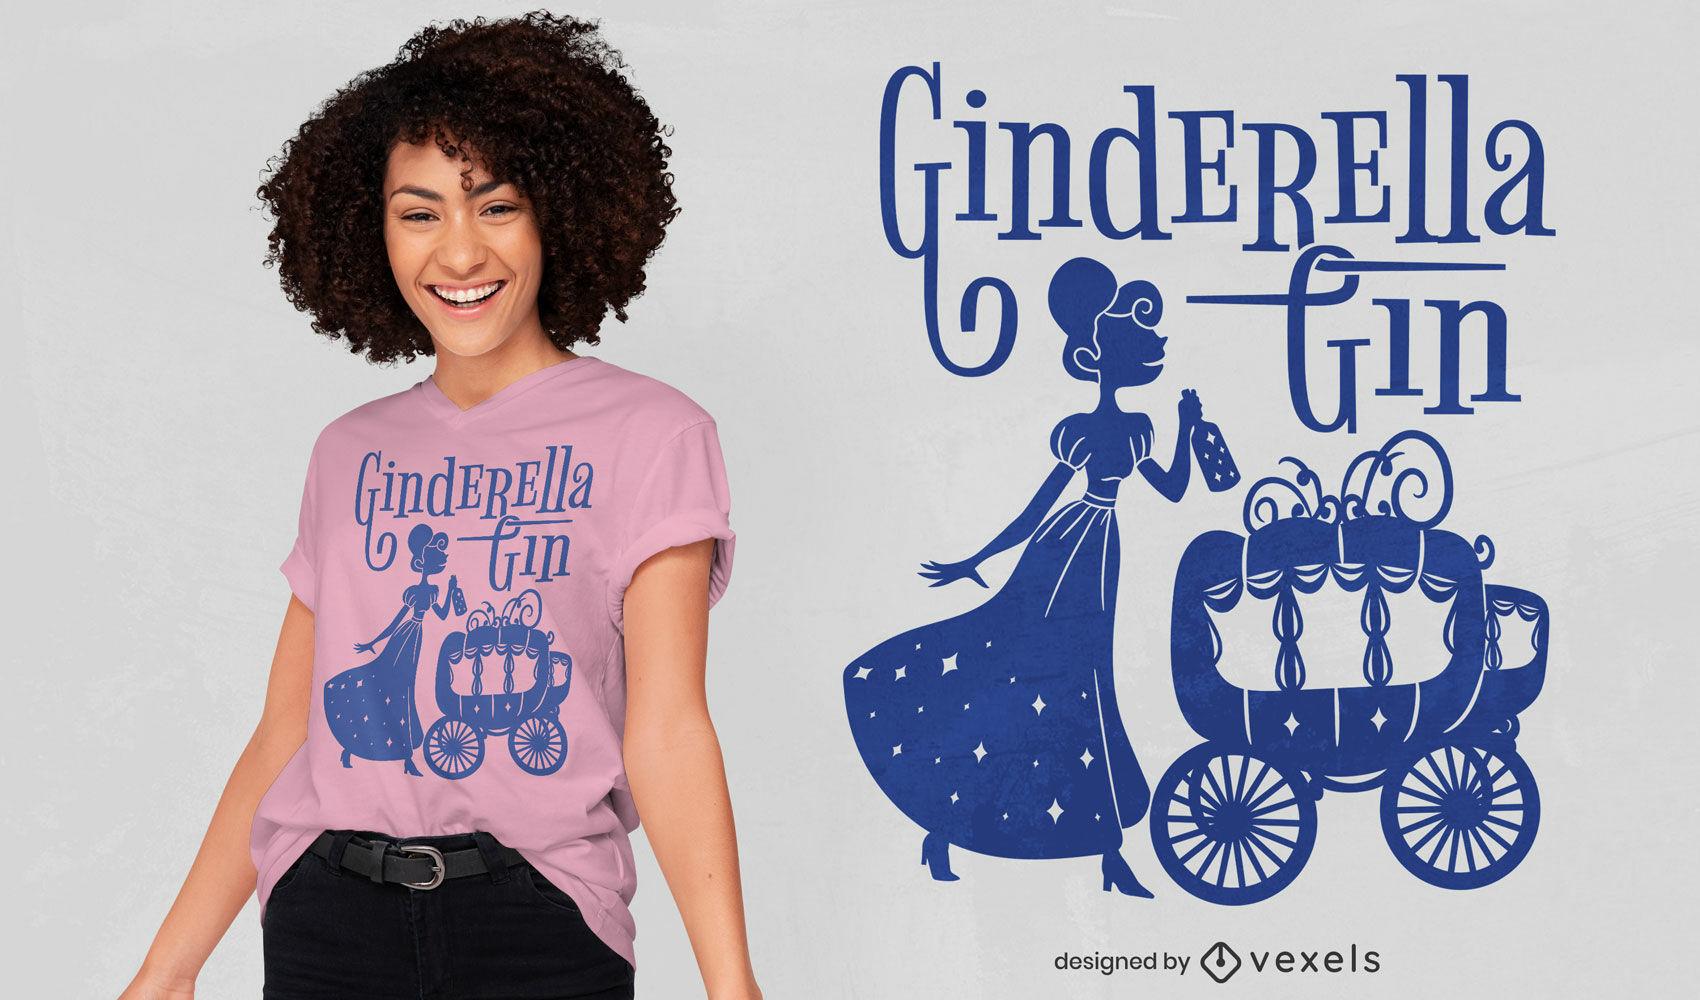 Cinderella betrunkenes Parodie-T-Shirt-Design